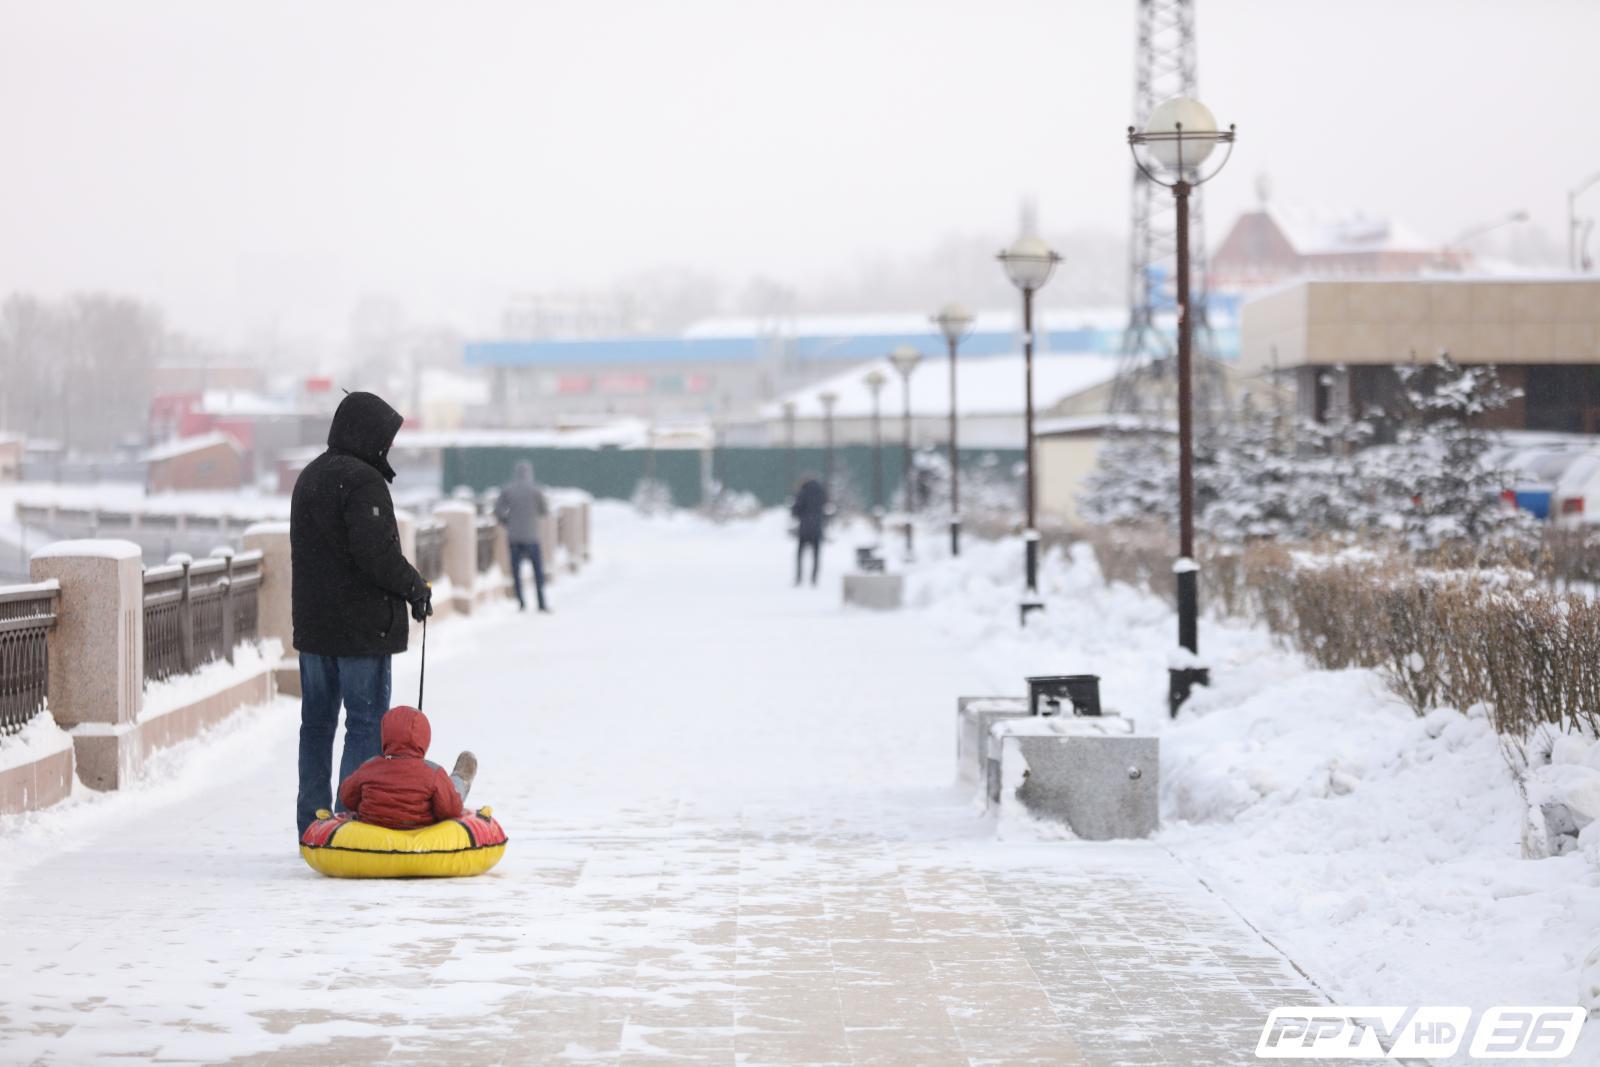 รายการปักหมุดสุดขอบโลก กับการเดินทางสู่เมืองที่หนาวที่สุดในโลกในเขตไซบีเรีย